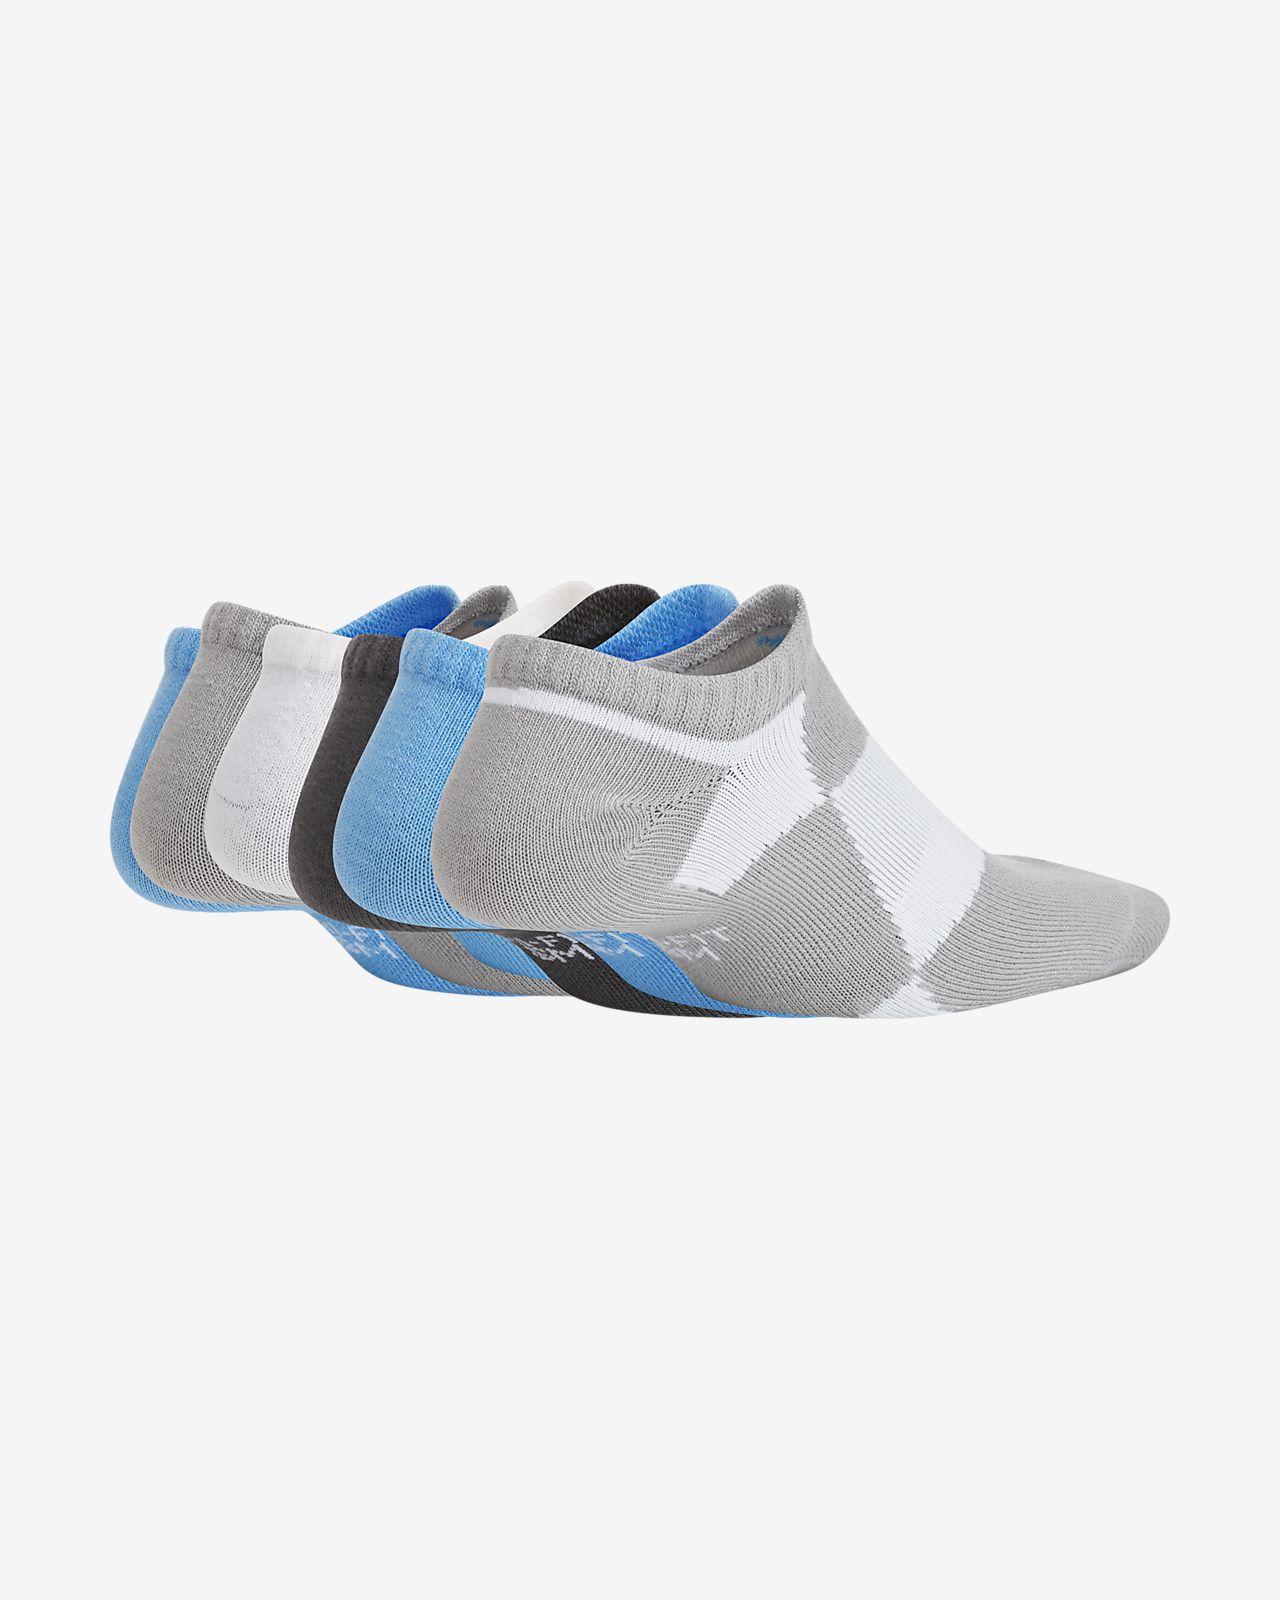 Chaussettes invisibles et légères à motif Nike Everyday pour Enfant plus âgé (6 paires)